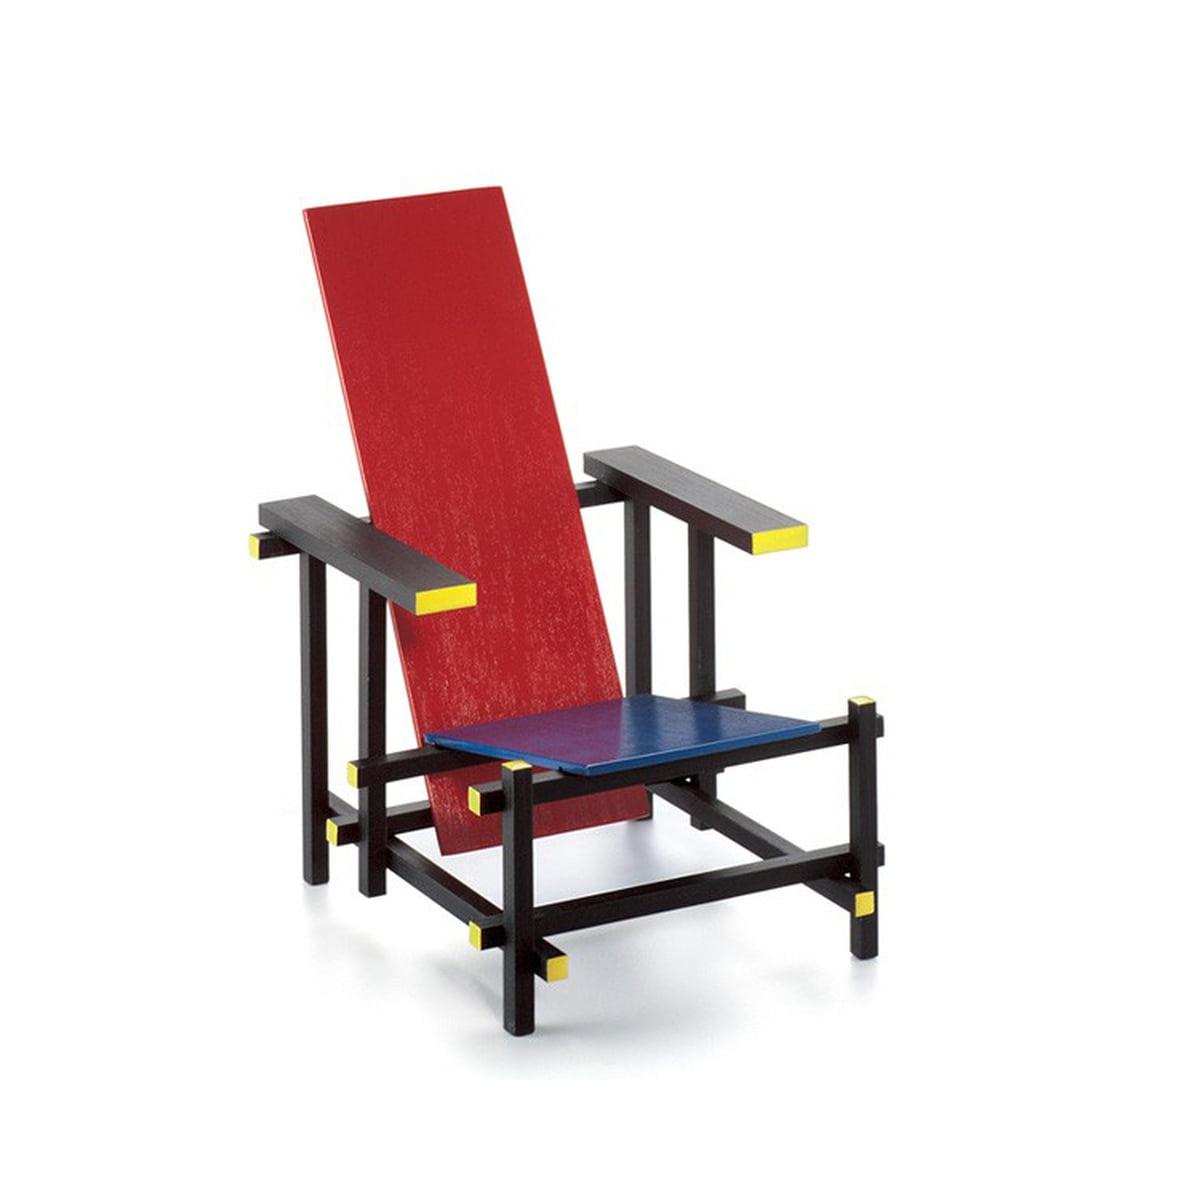 Bekend Vitra - Miniatuur Rood Blauwe Stoel   Connox EL63